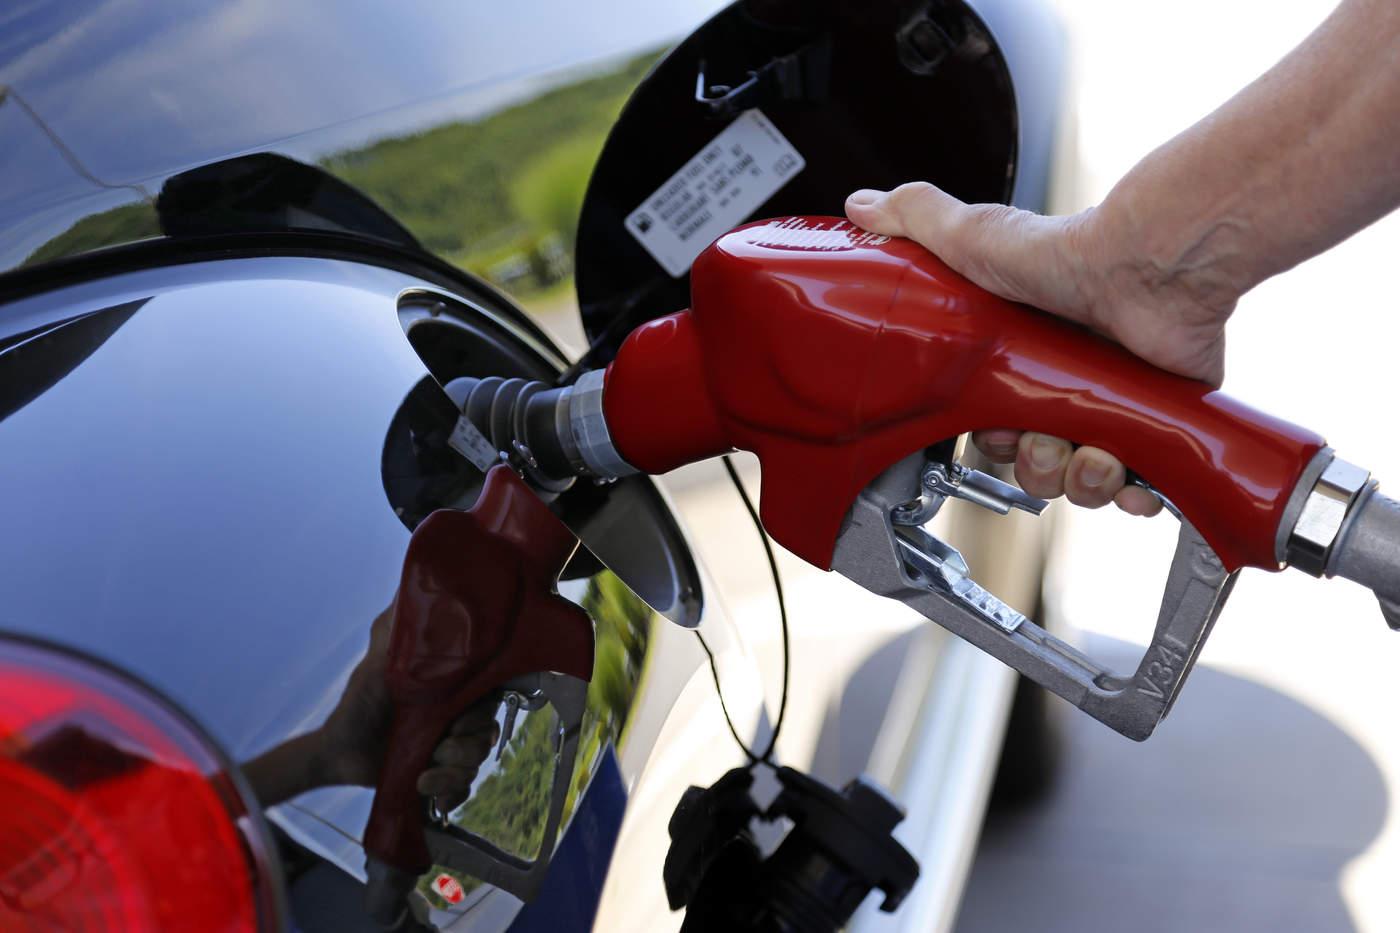 bombda de gasolina